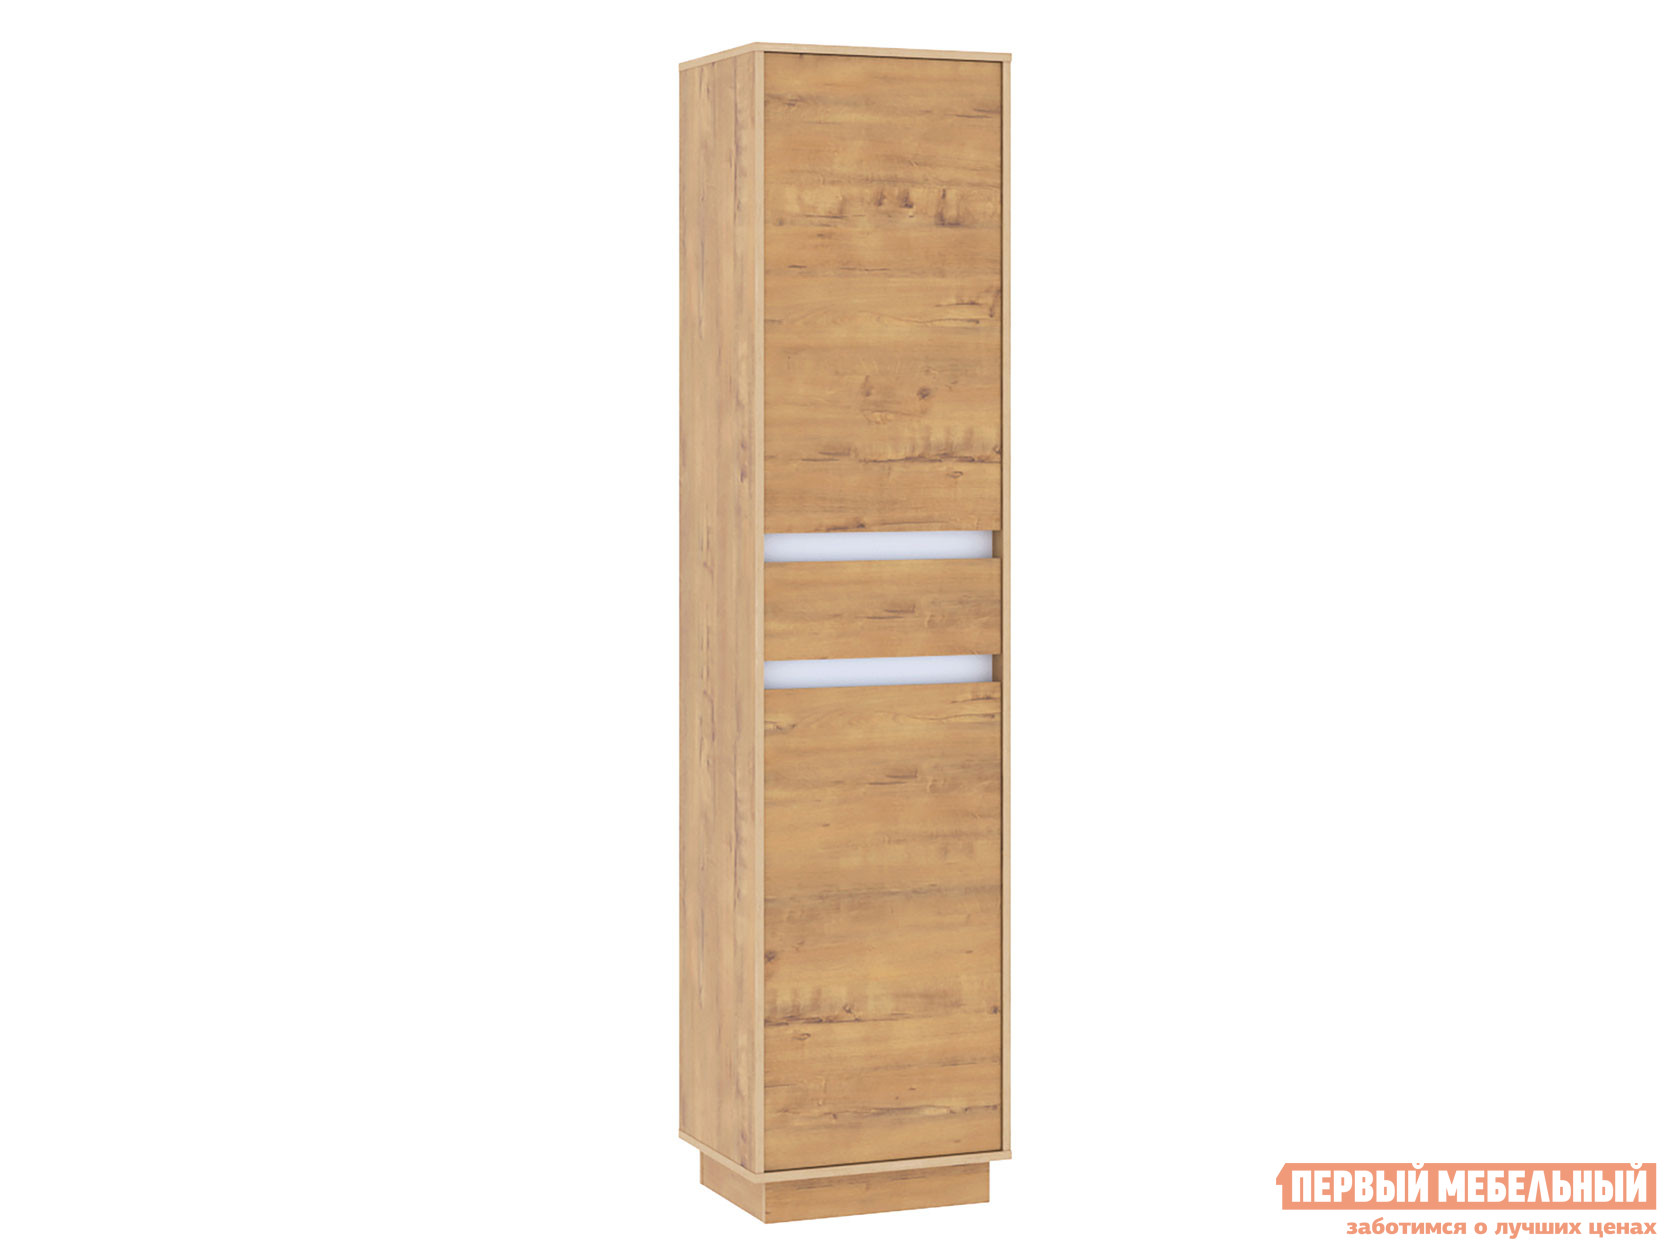 Распашной шкаф Первый Мебельный Шкаф для одежды 1 дв. Вирджиния 011.81 fu1 01 ch 23p шкаф 3 дв 1 1 1 с зерк паспарту шатура rimini bosco